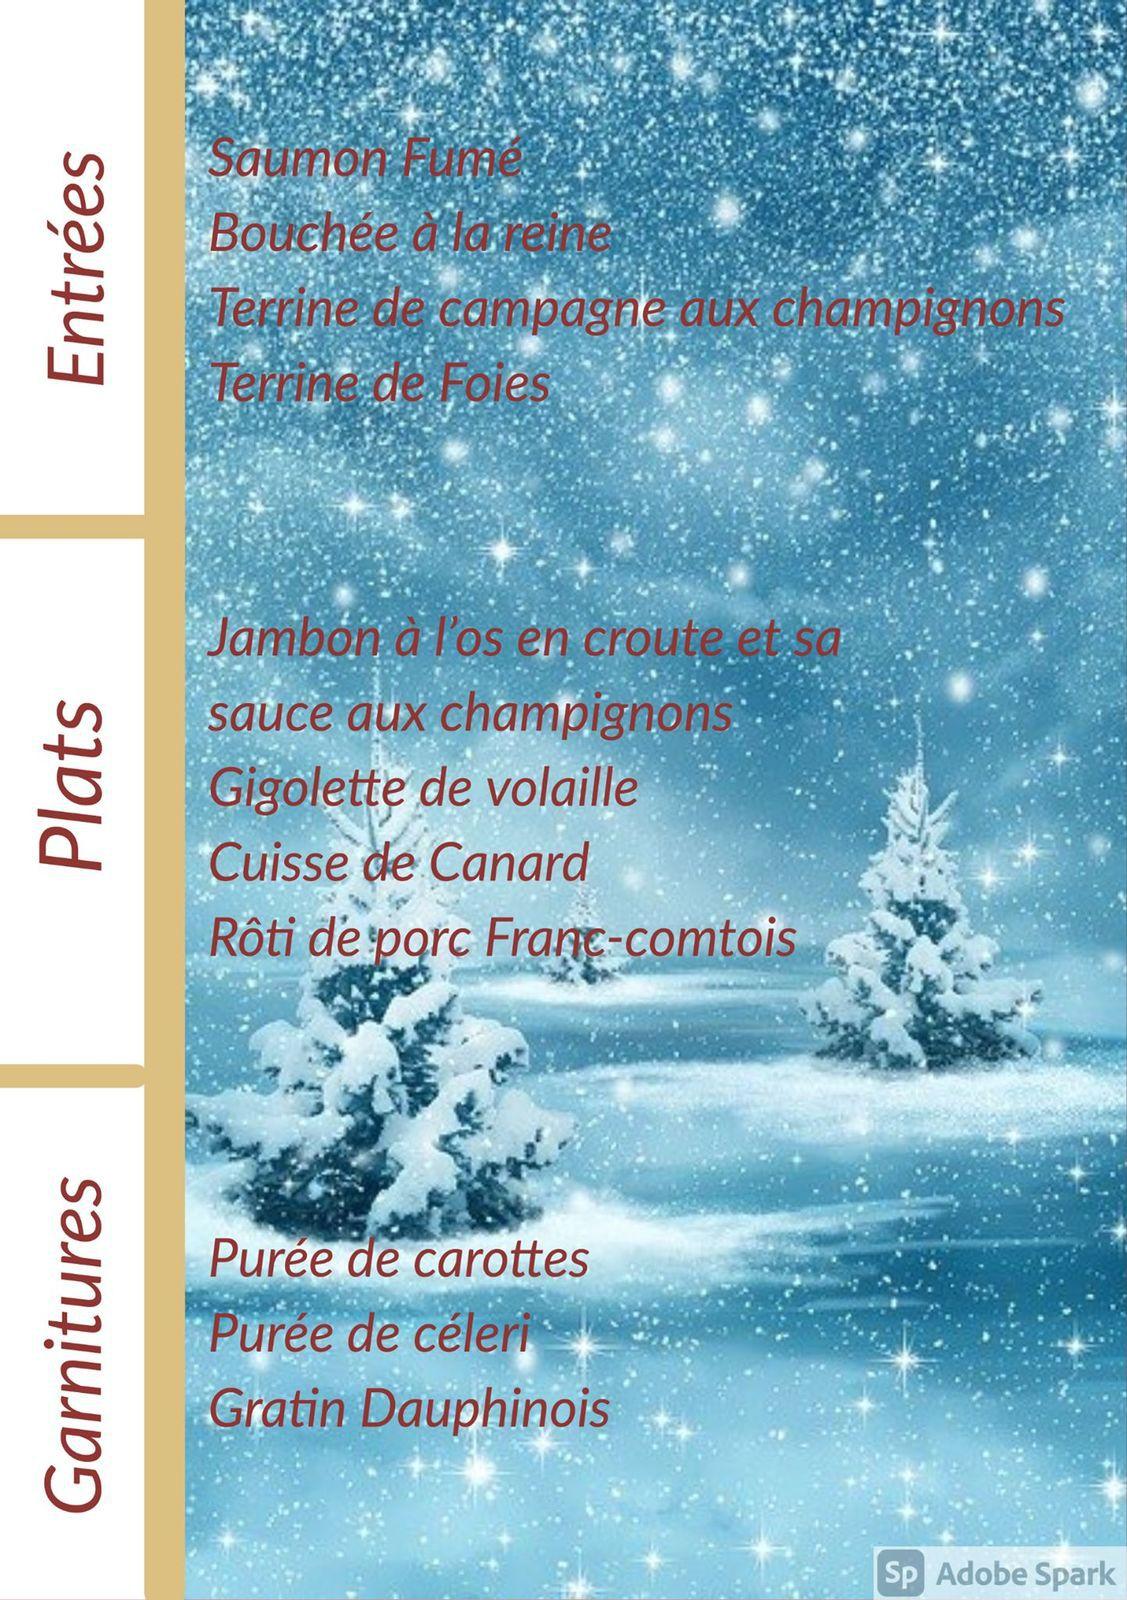 Cartes des fêtes du Moulin Cotant.